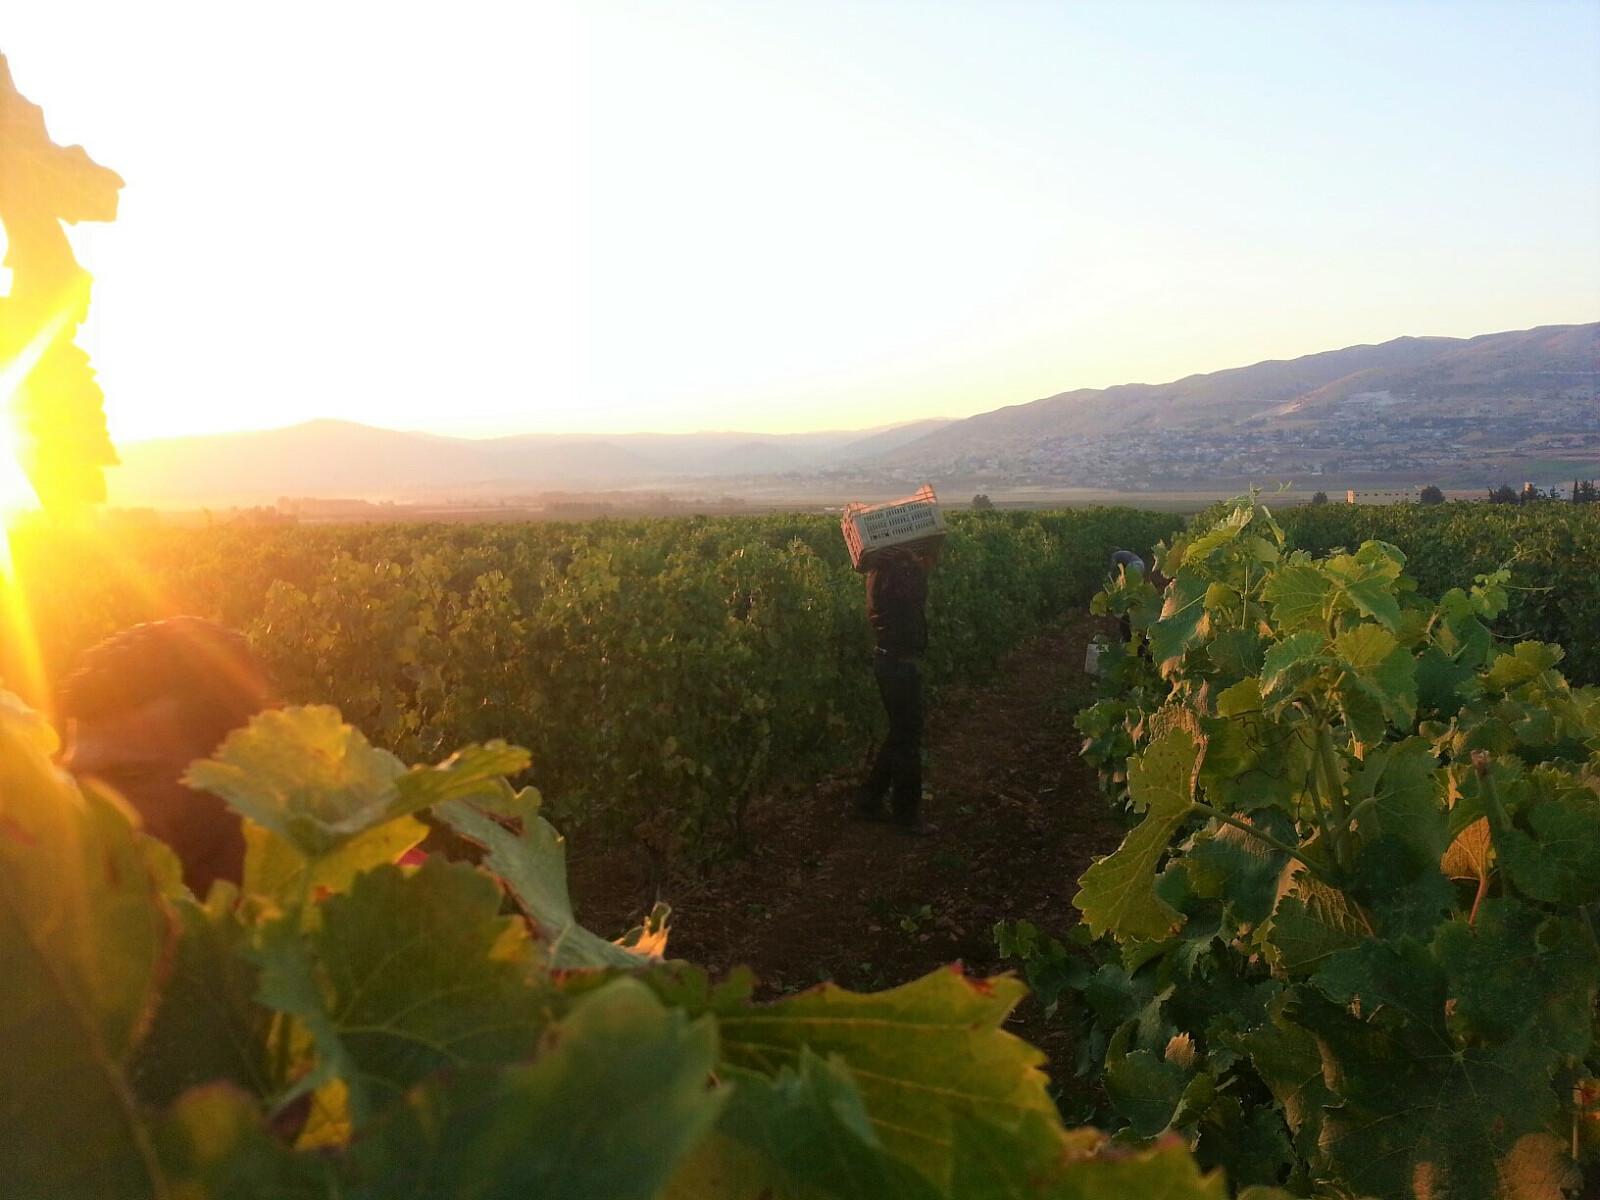 vineyard 4.jpg [302.83 KB]